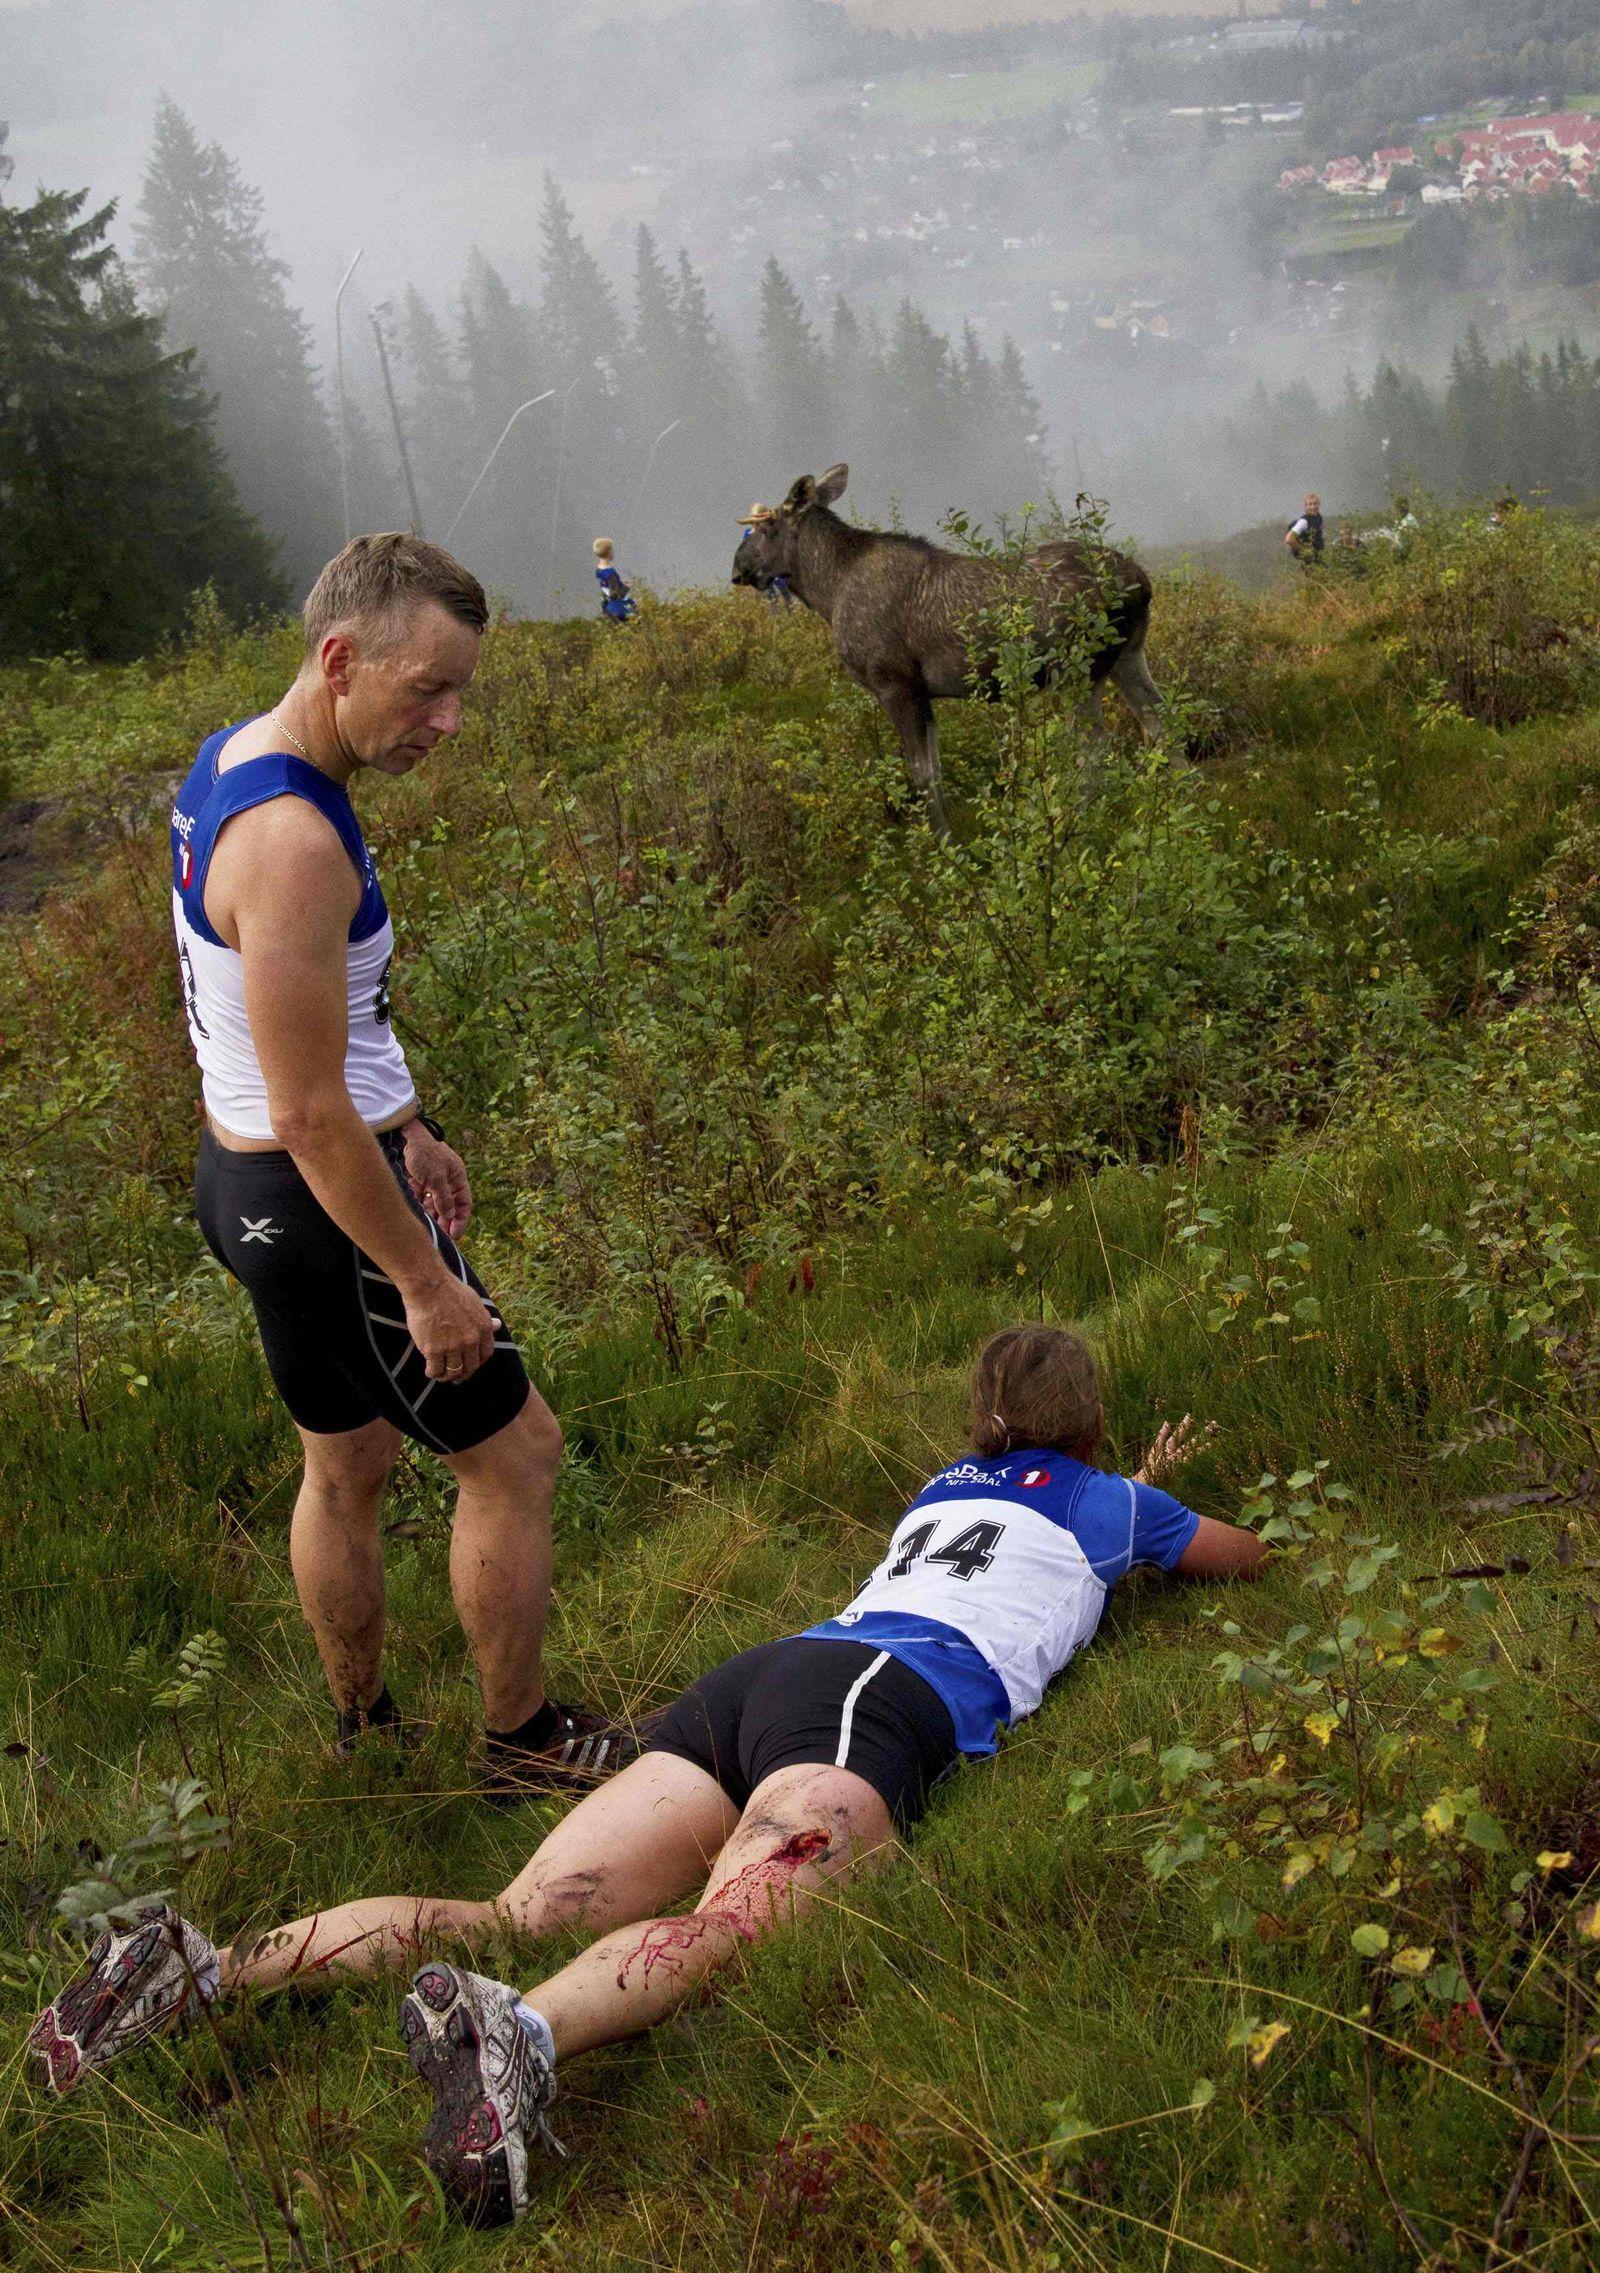 Norwegen/ Lauf/ Elch-Attacke